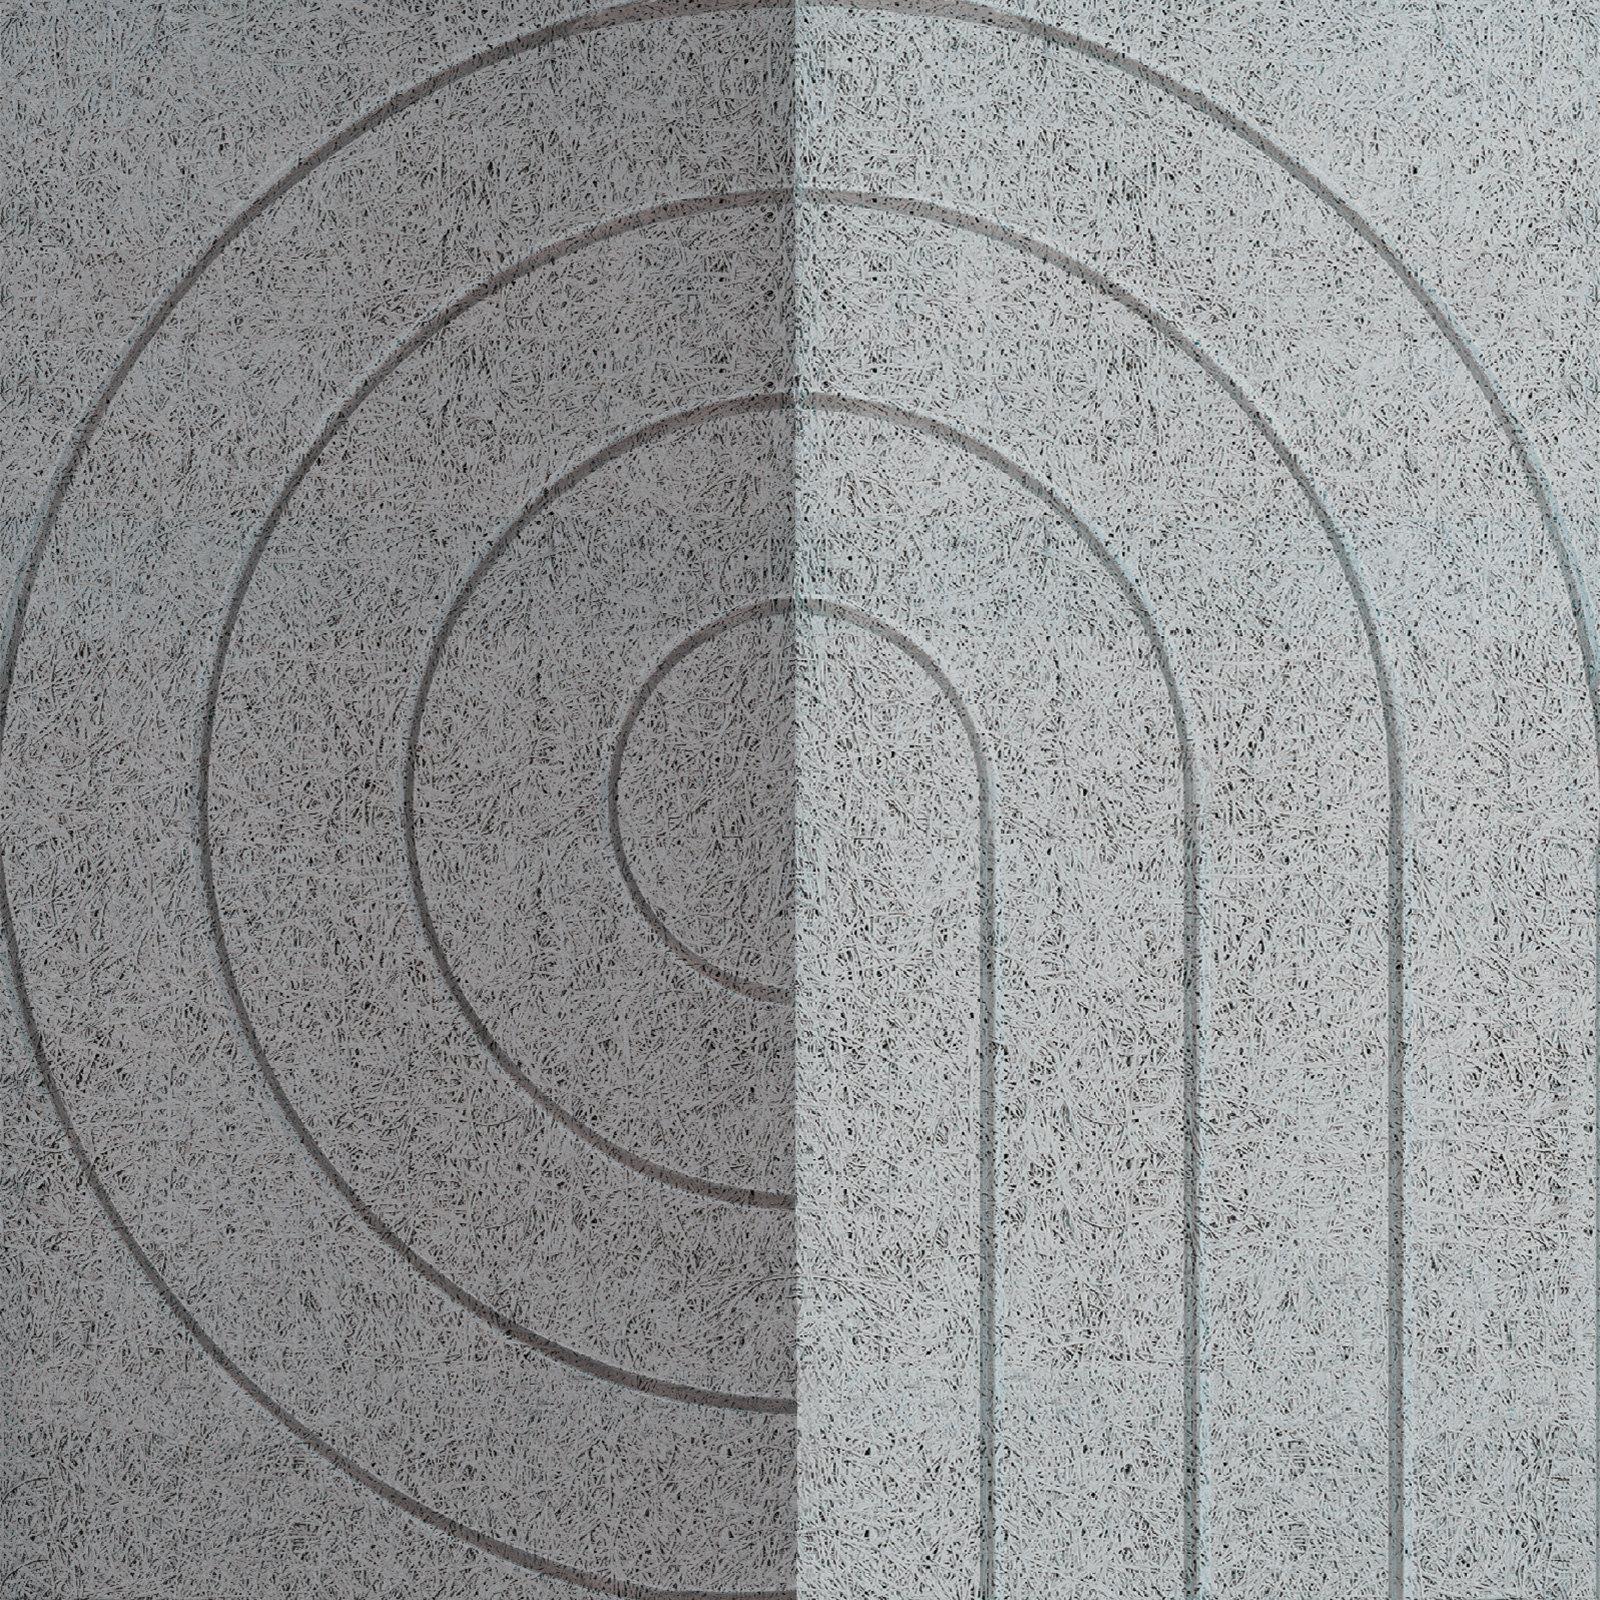 BAUX Panels Arch & Curve